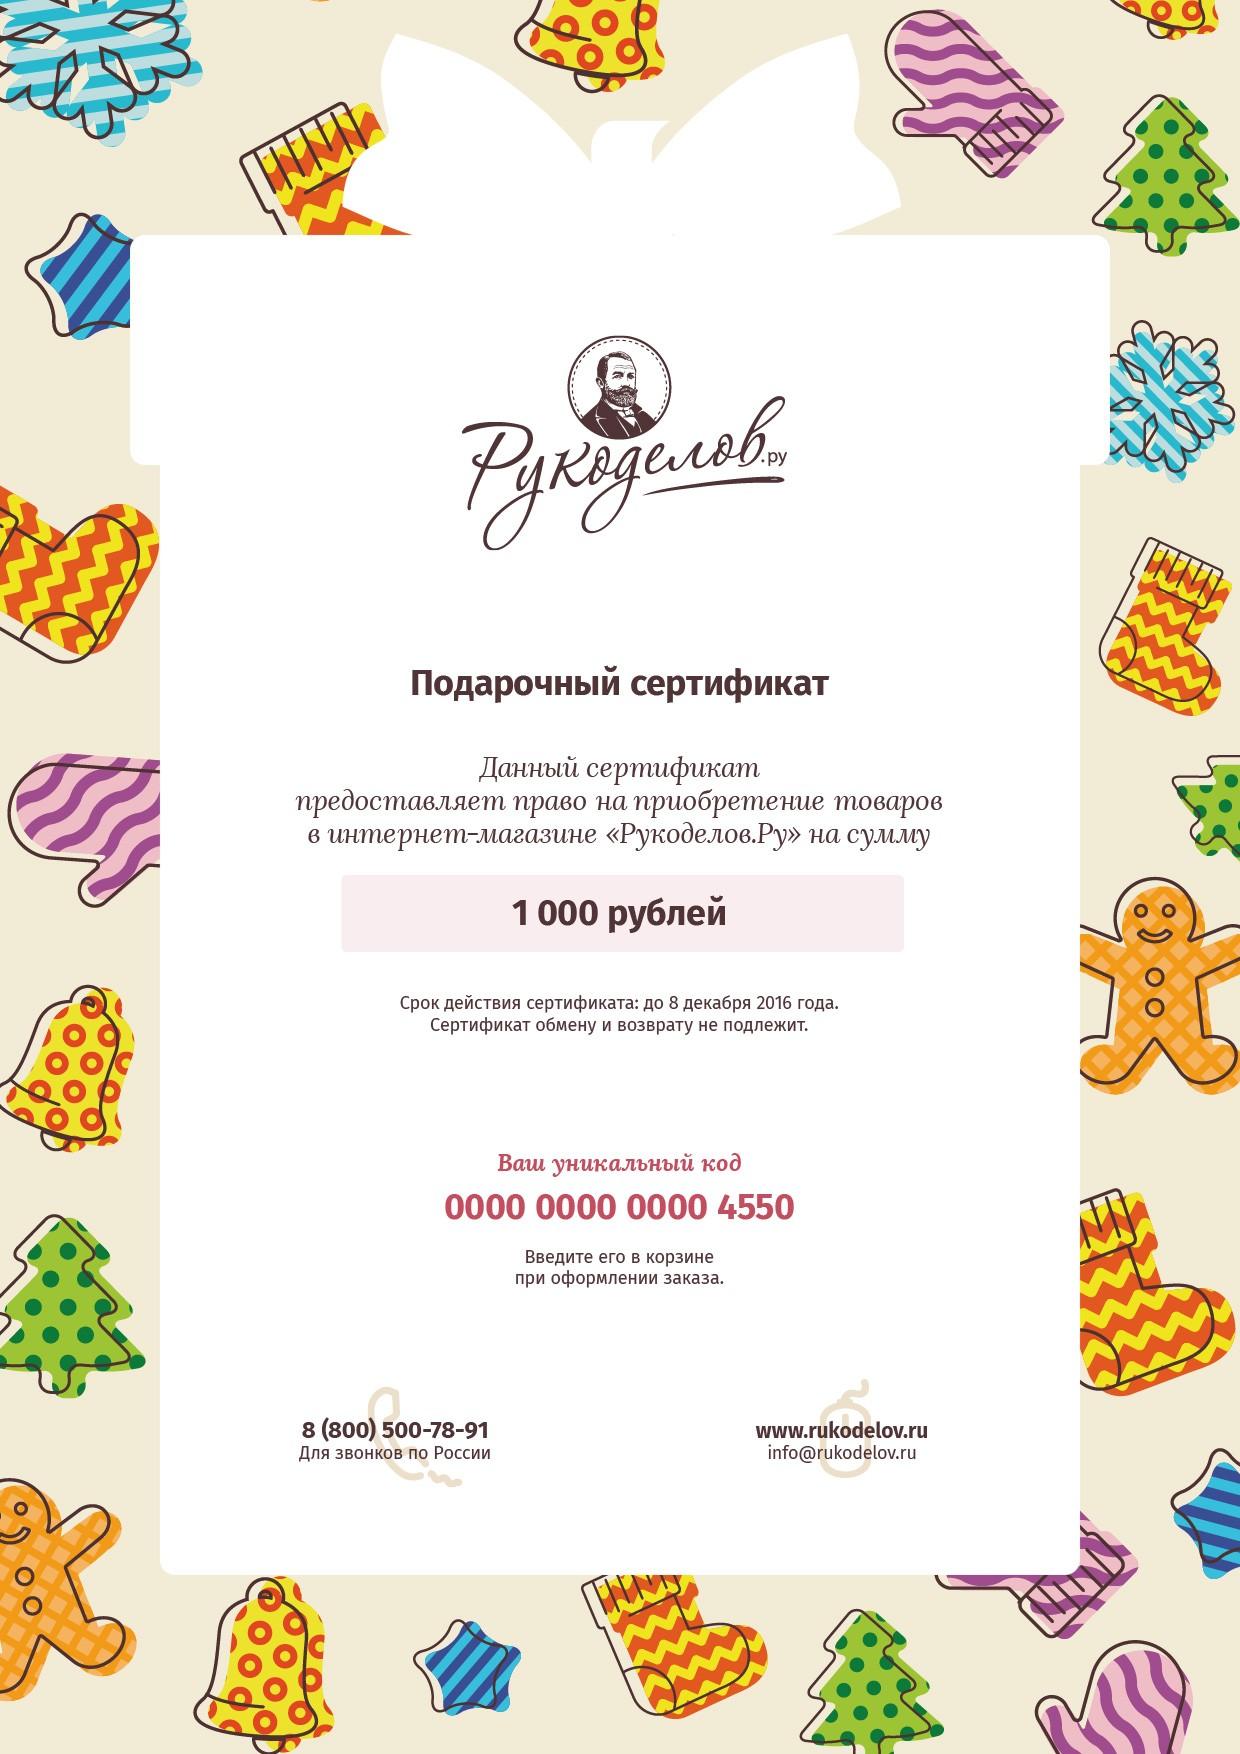 Подарочный сертификат на 1000 рублей Рукоделов.Ру